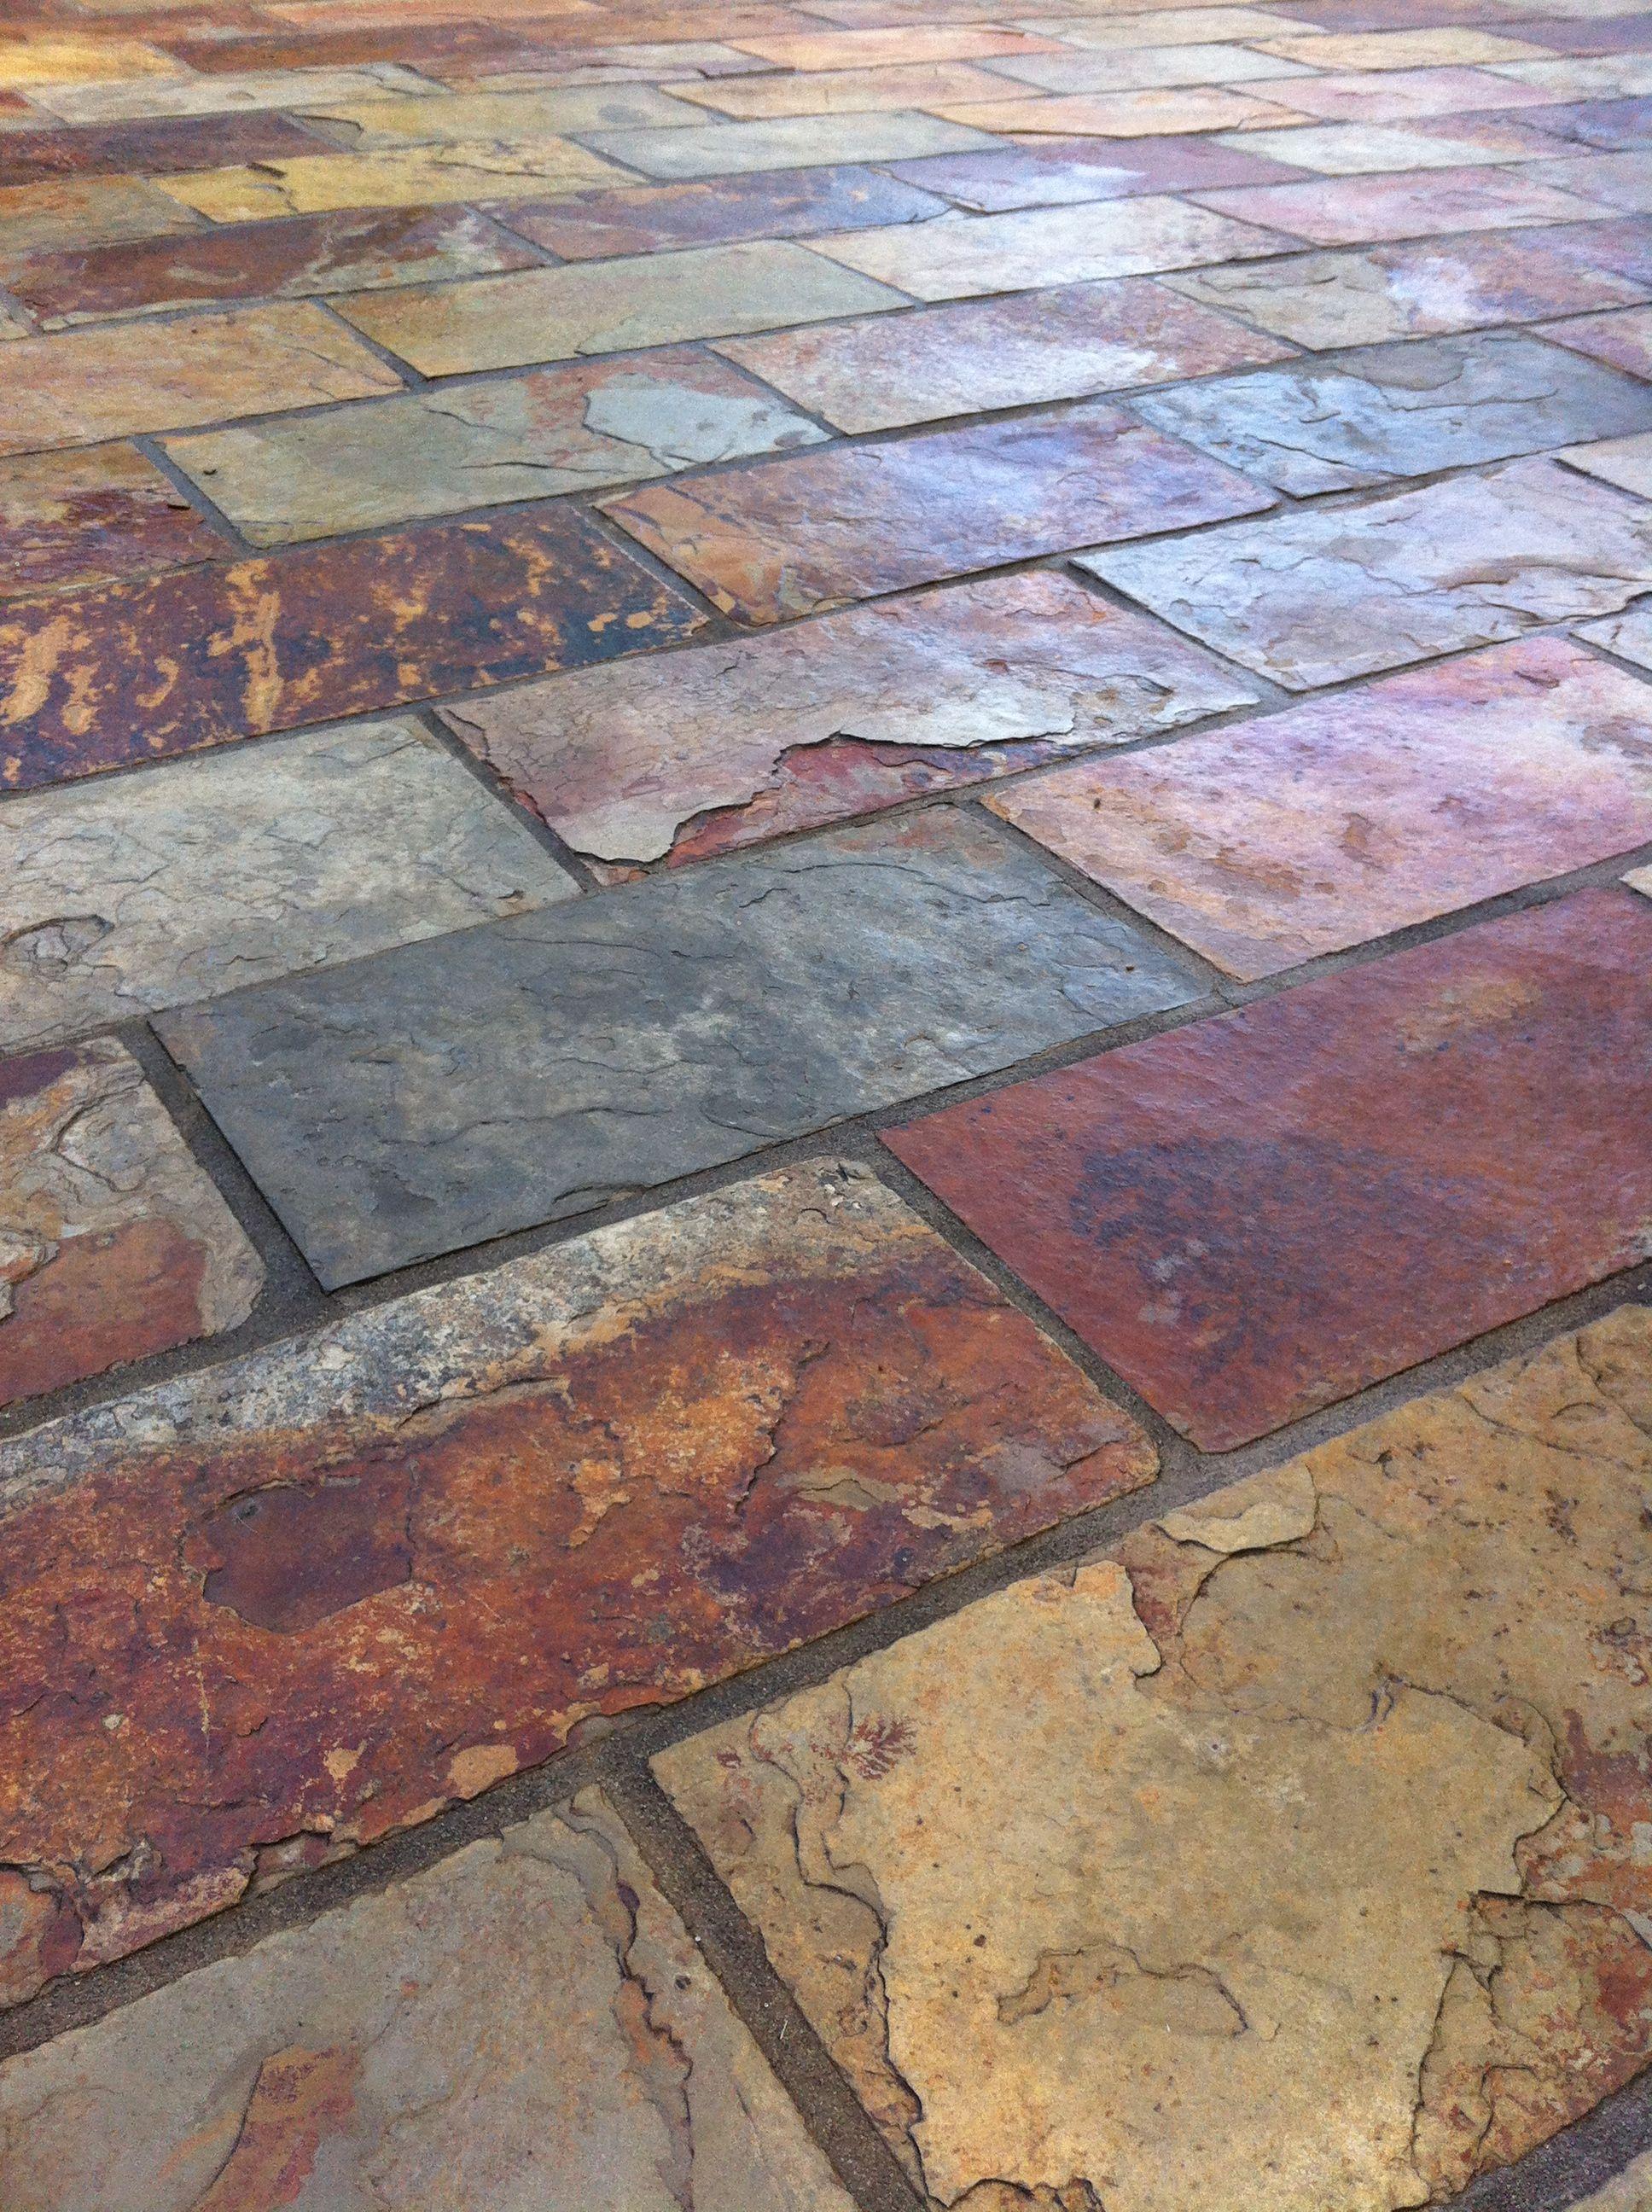 slate tiles for landscaping photo - 2